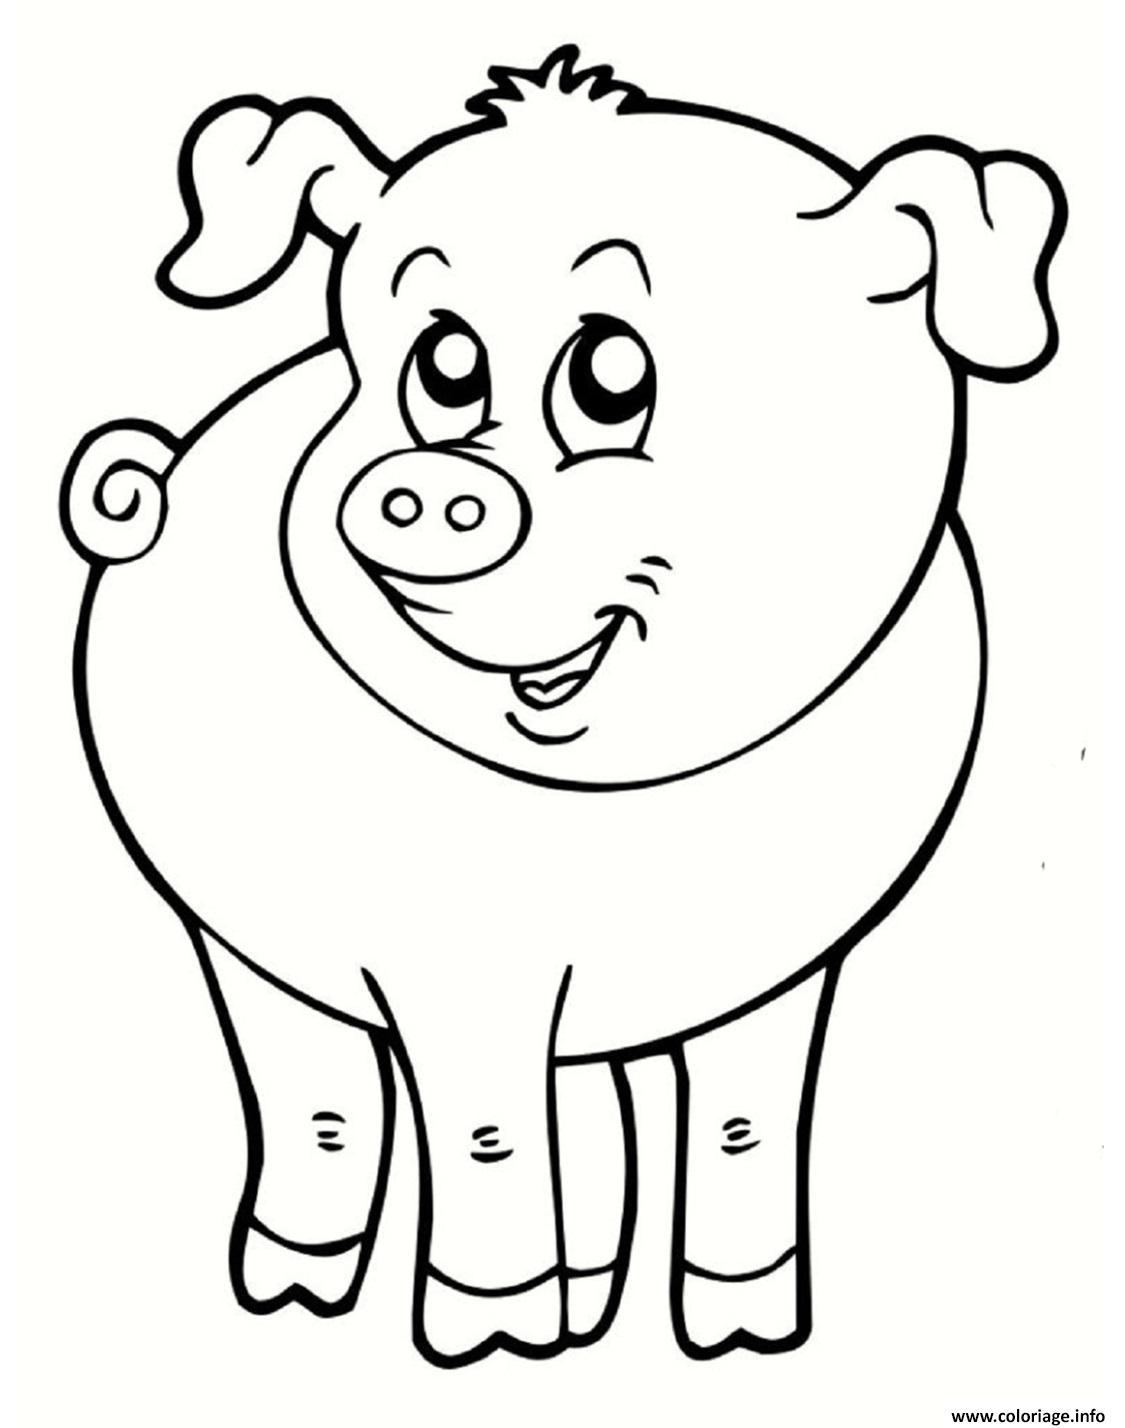 Coloriage Cochon Souriant Animal De La Ferme Dessin dedans Dessin A Colorier Cochon